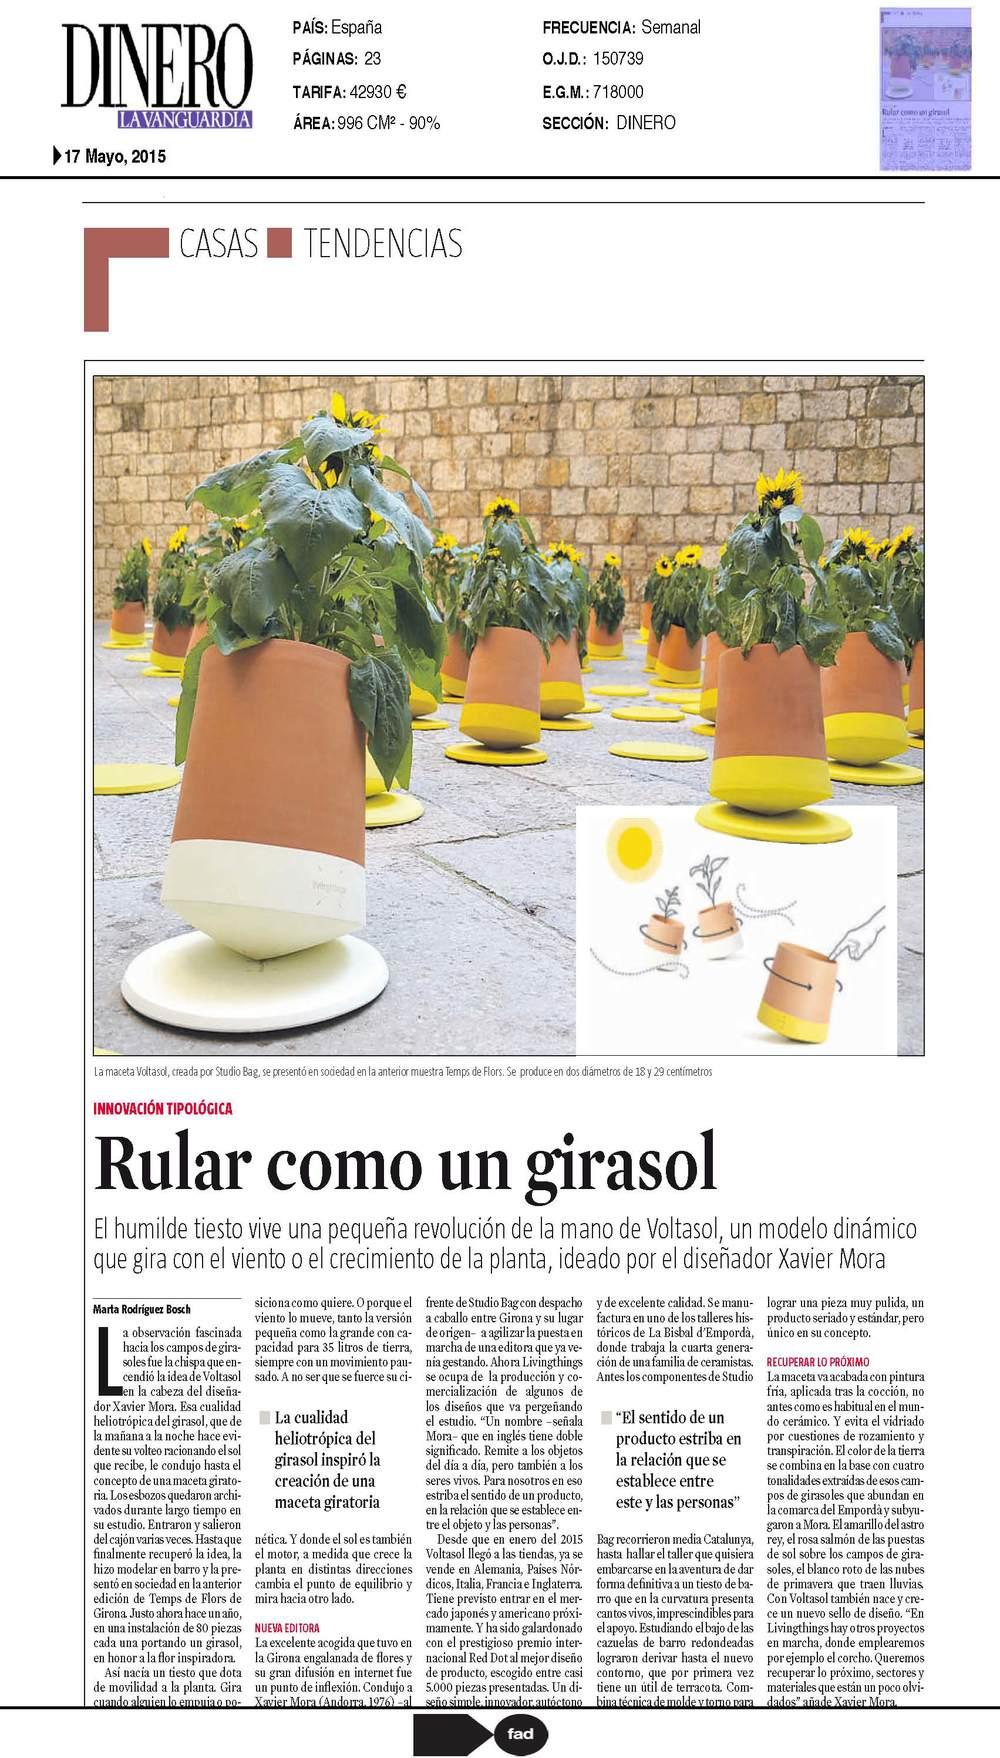 Voltasol La Vanguardia Xavier Mora.jpg